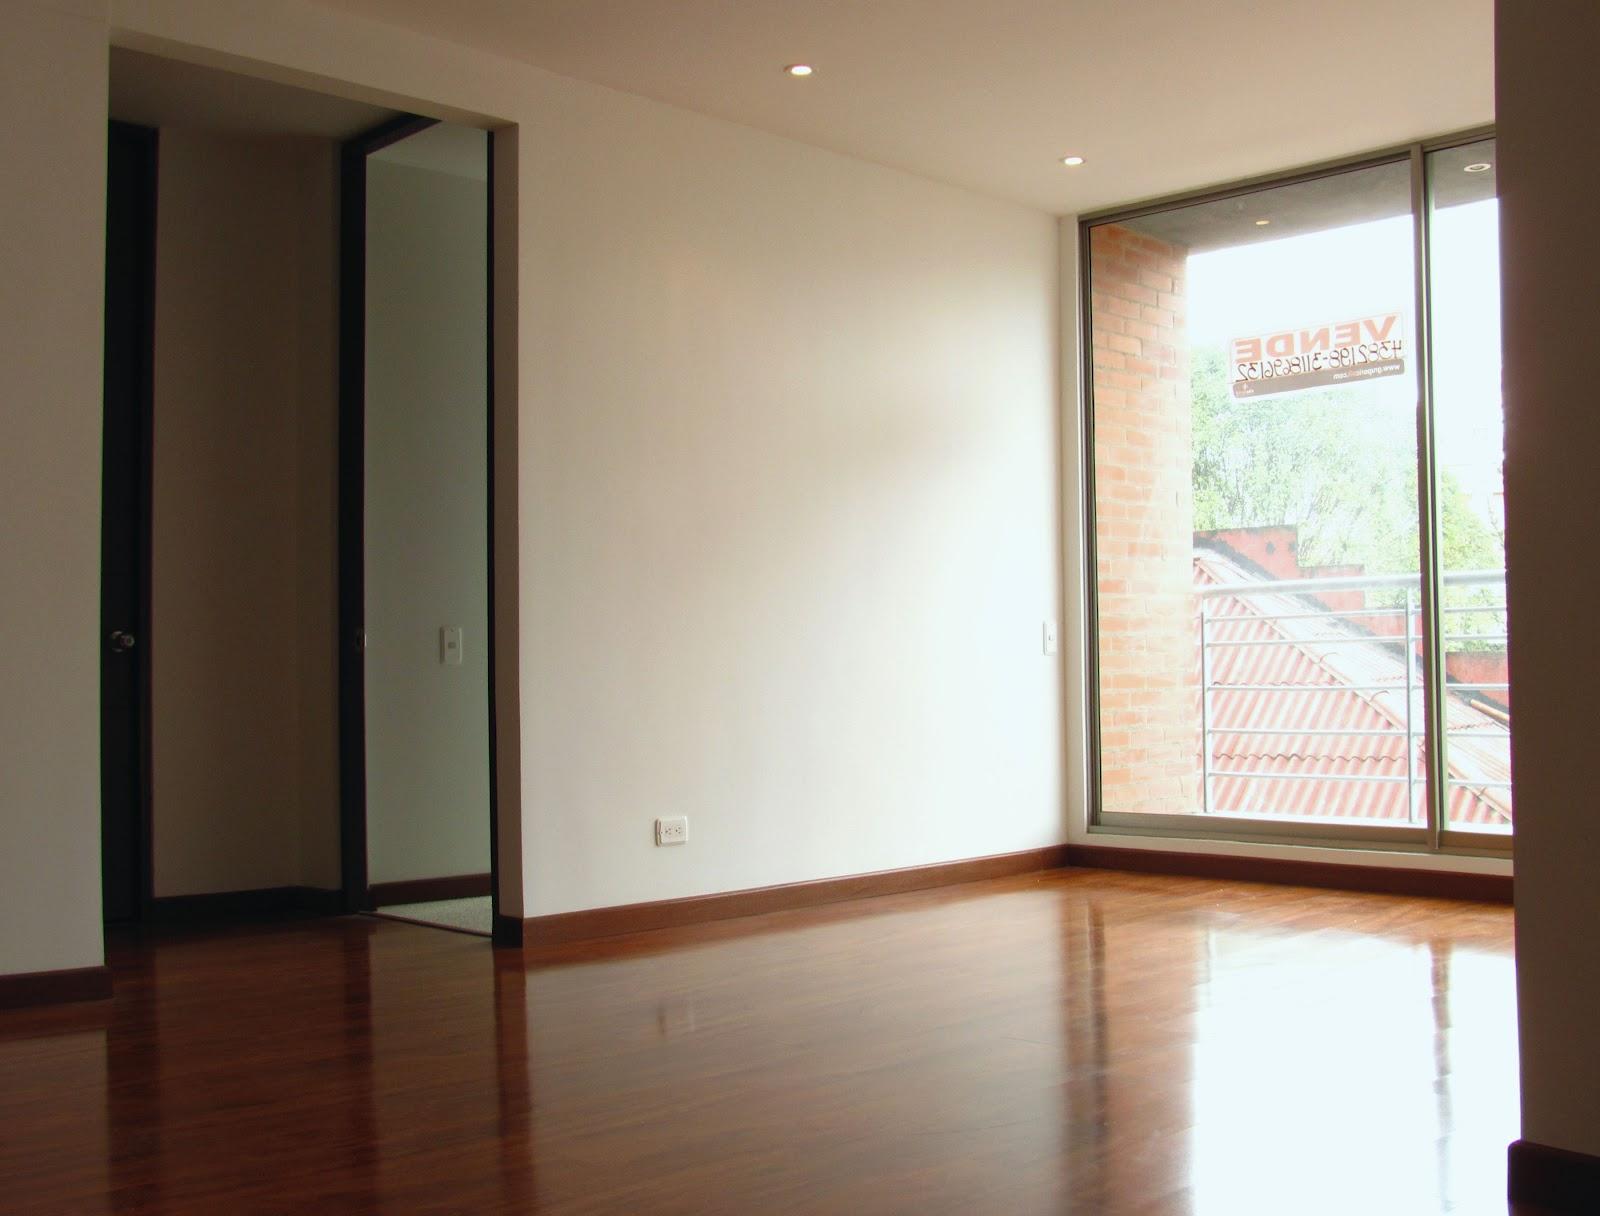 Apartamento pb sala comedor for Pisos para comedor